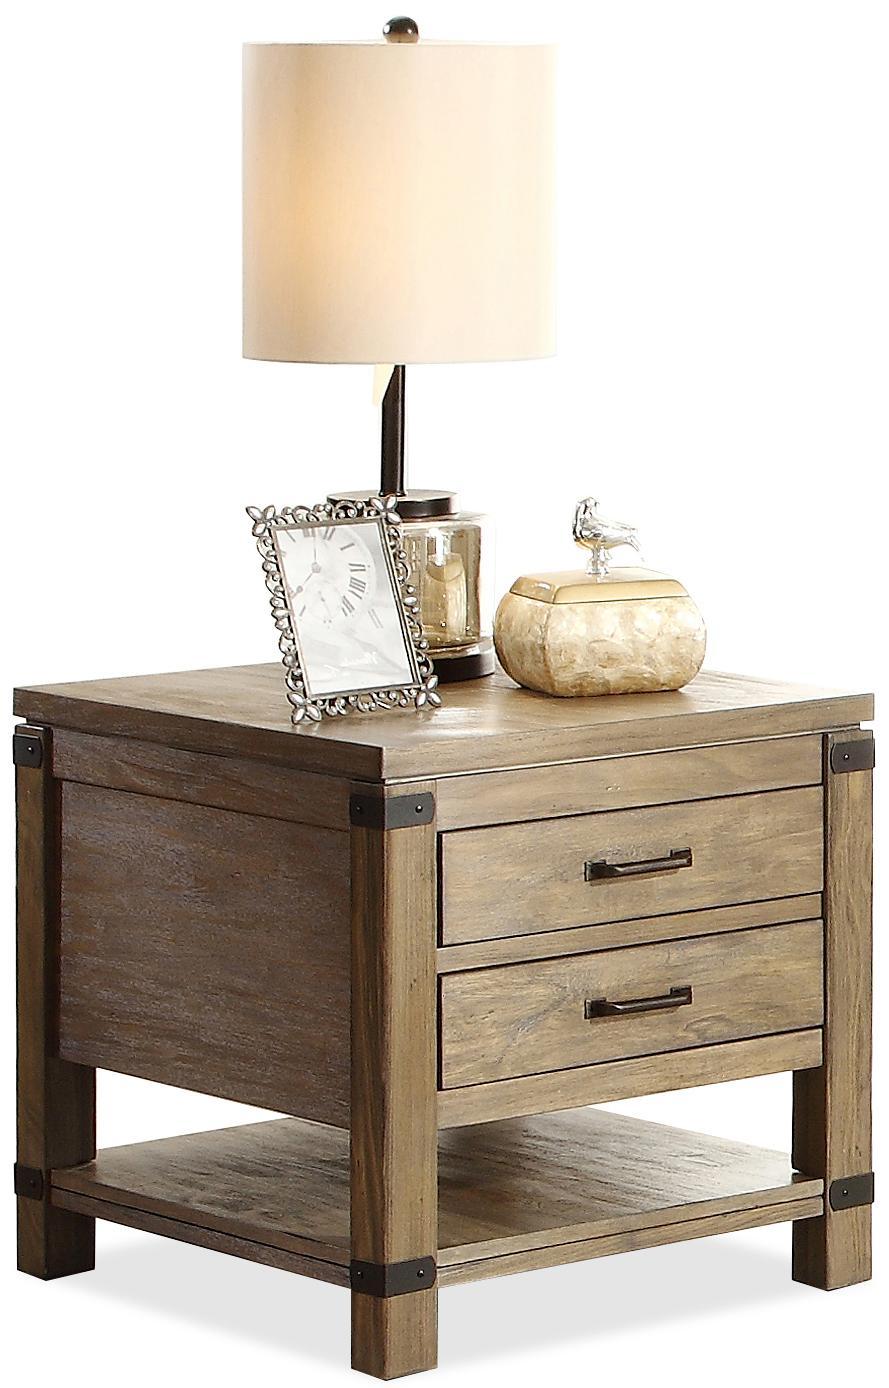 Riverside Furniture Bay Cliff End Table - Item Number: 37709